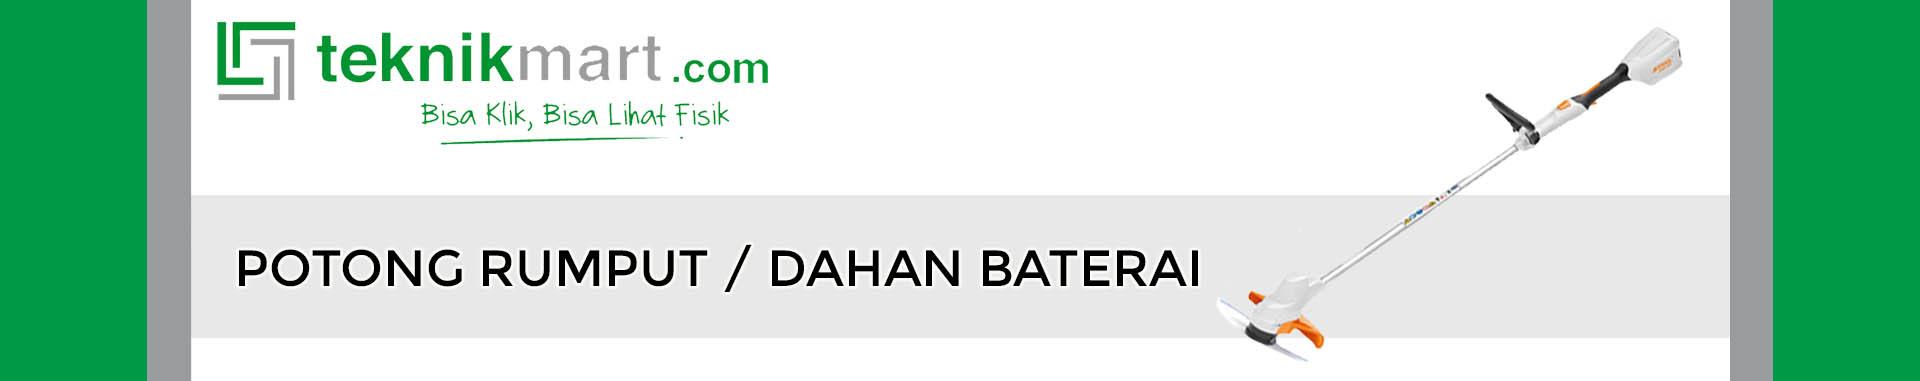 Potong Rumput / Dahan Baterai